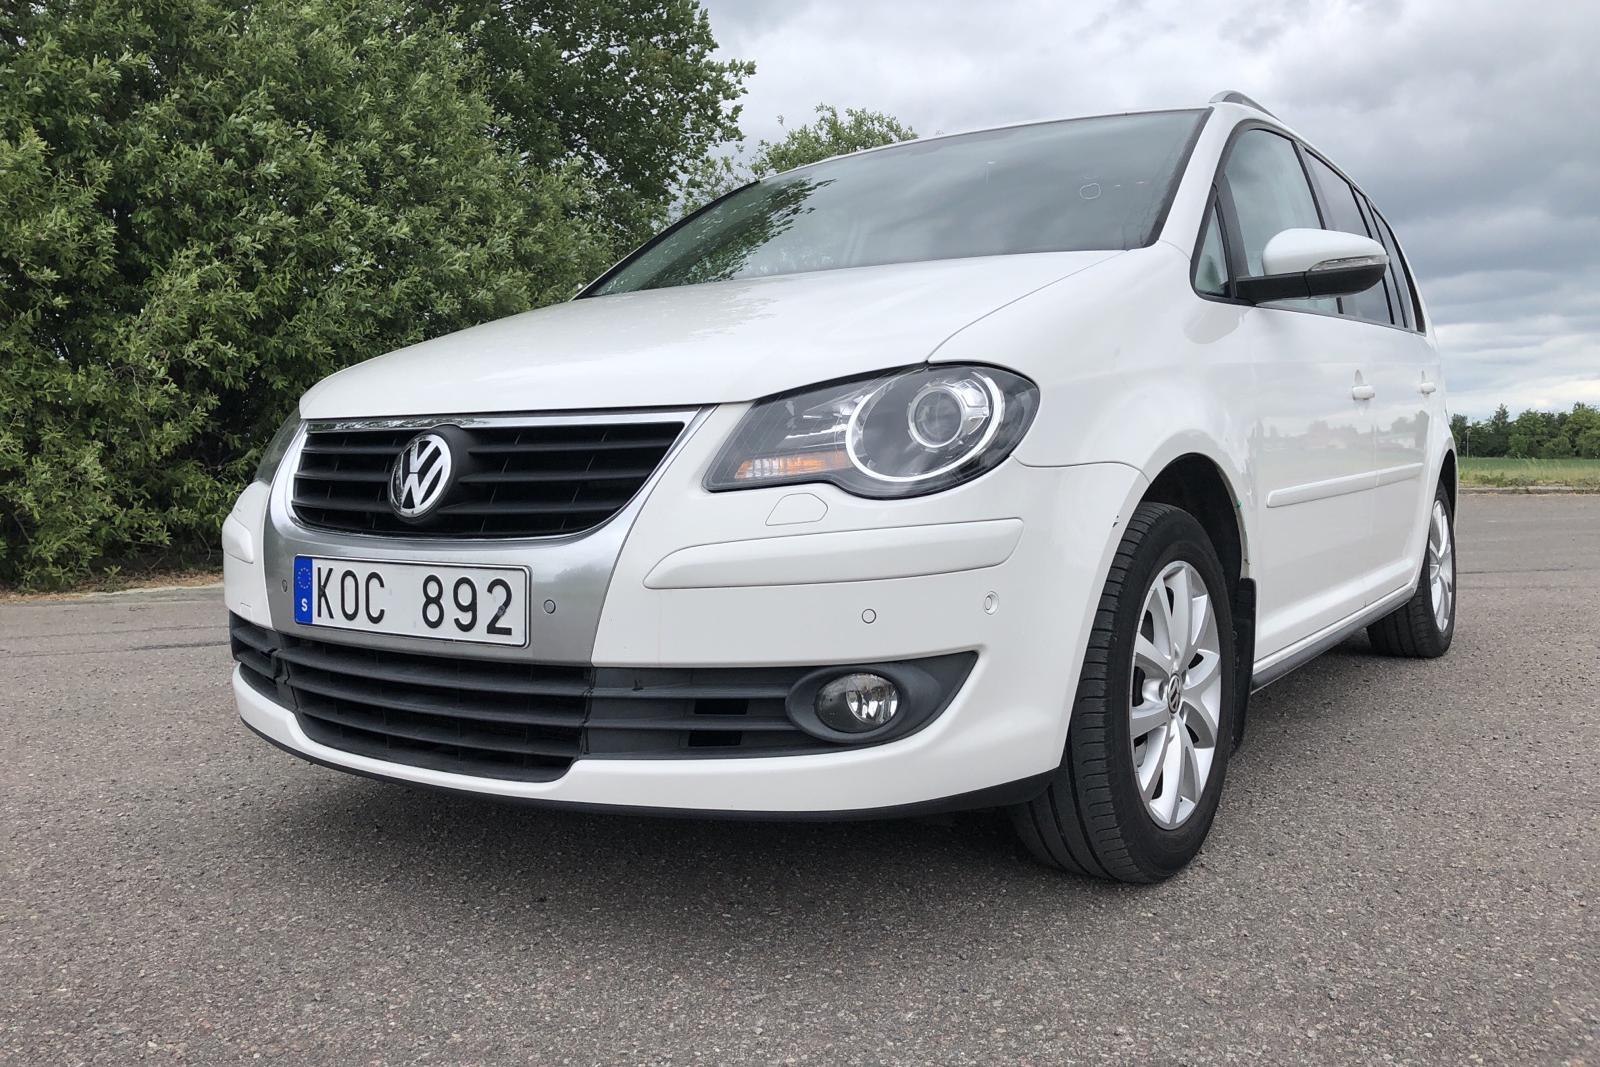 VW Touran 1.4 TSI EcoFuel (150hk)